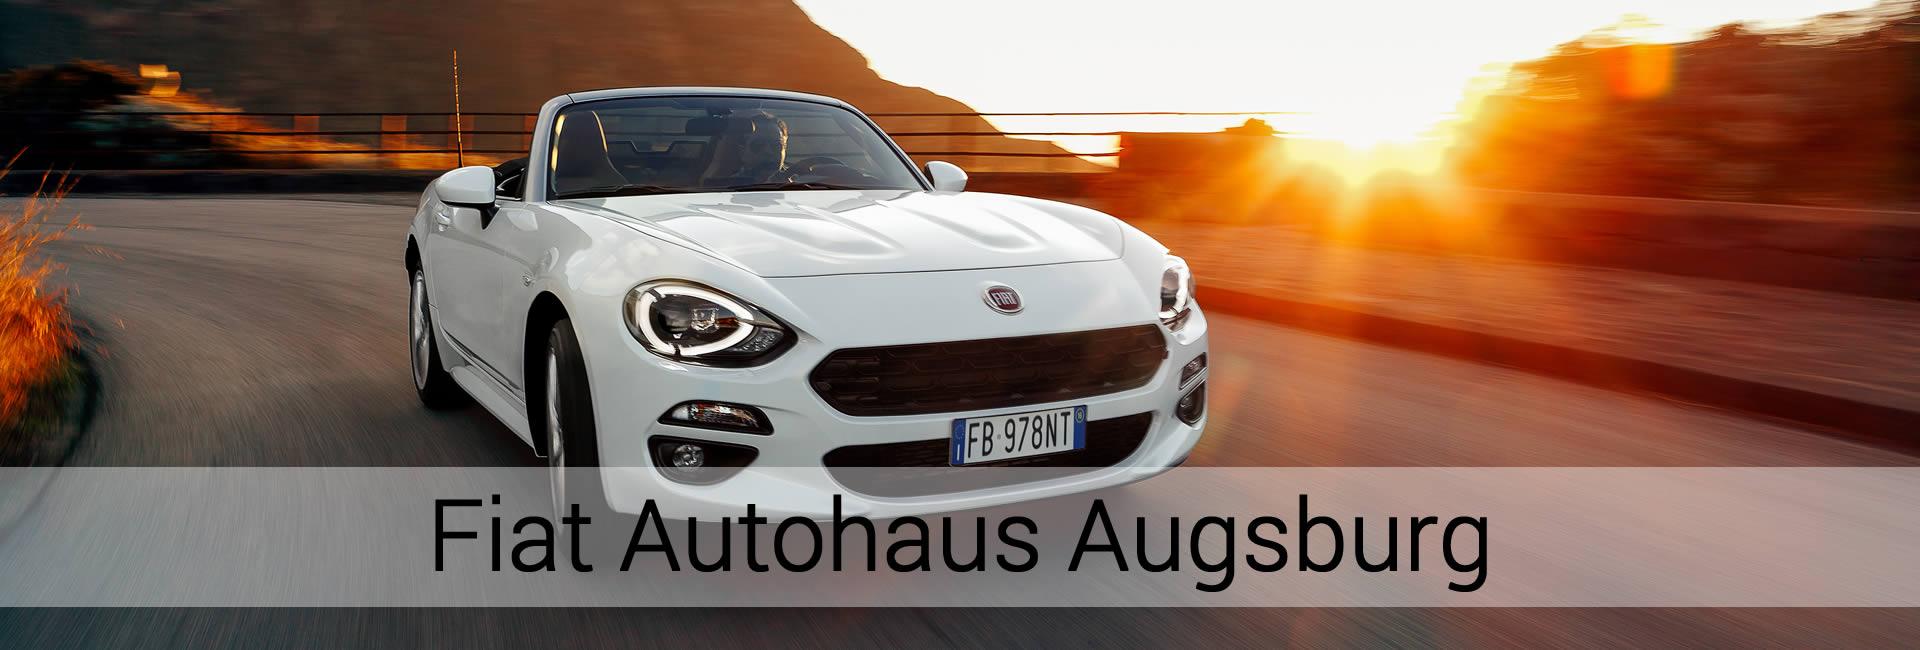 Fiat Autohaus Augsburg